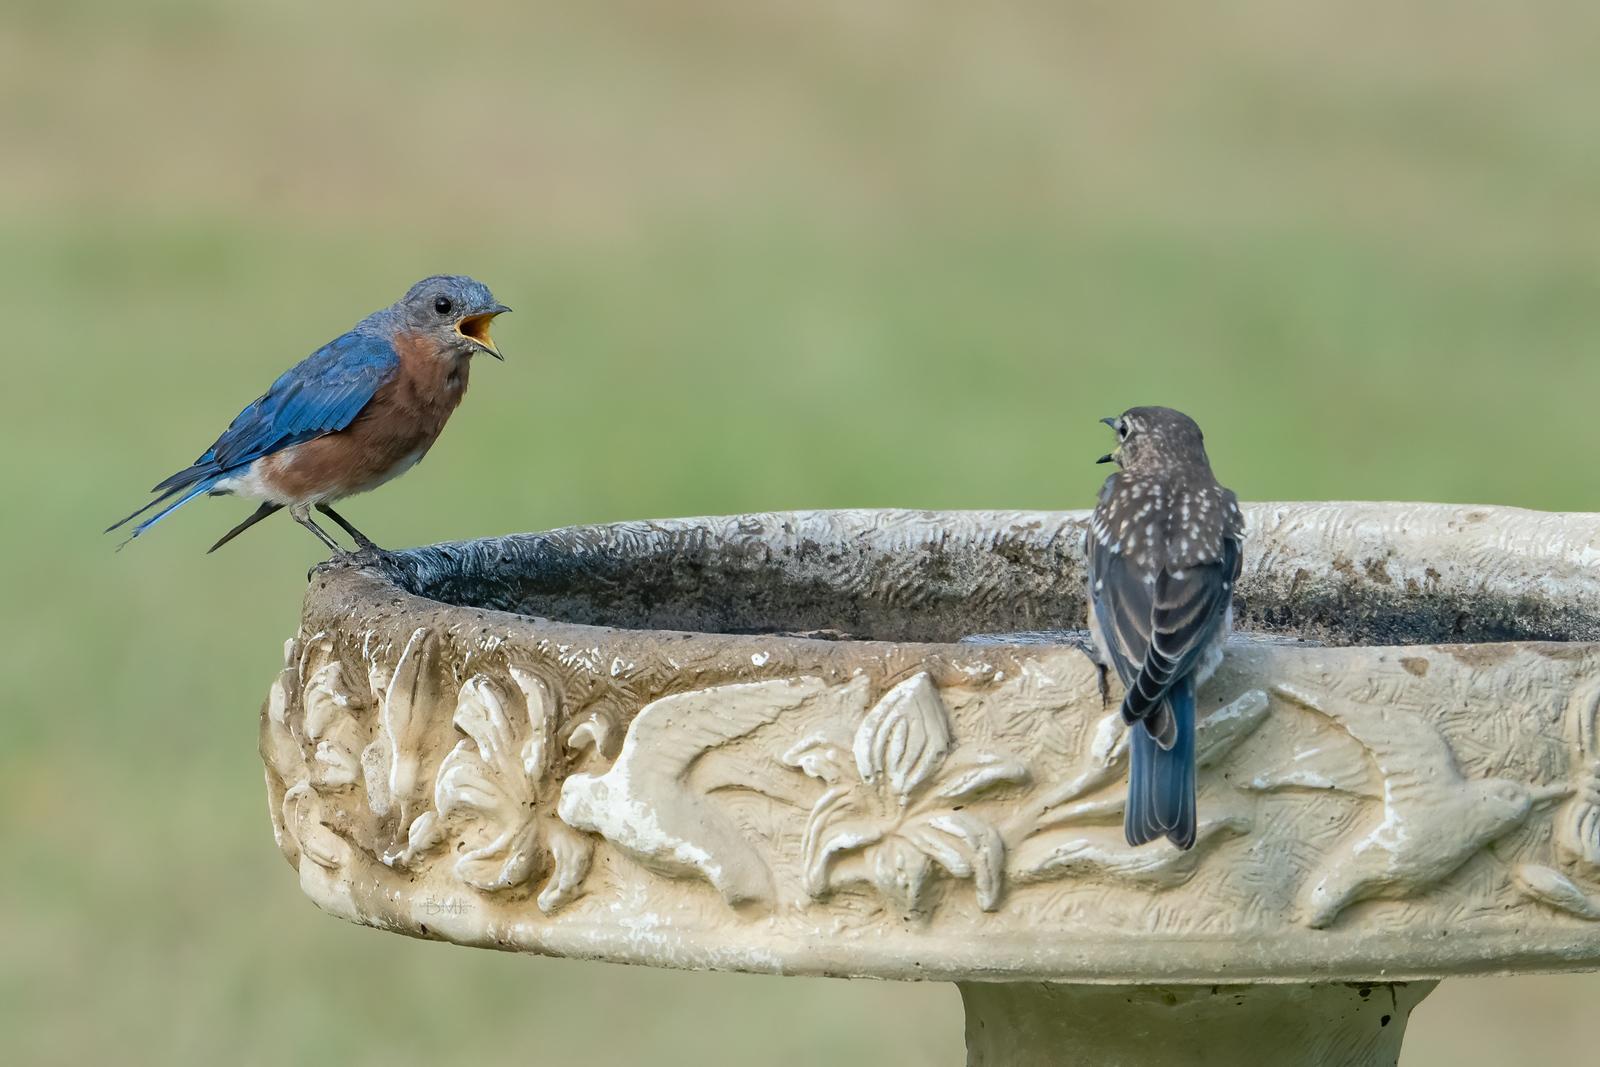 IMAGE: https://photos.smugmug.com/Beautyinthetreesandintheair/Eastern-bluebirds-Spring-2020/i-BXzPvjL/0/400807b4/X3/Eastern%20bluebird_9_9-1-2020-220-X3.jpg